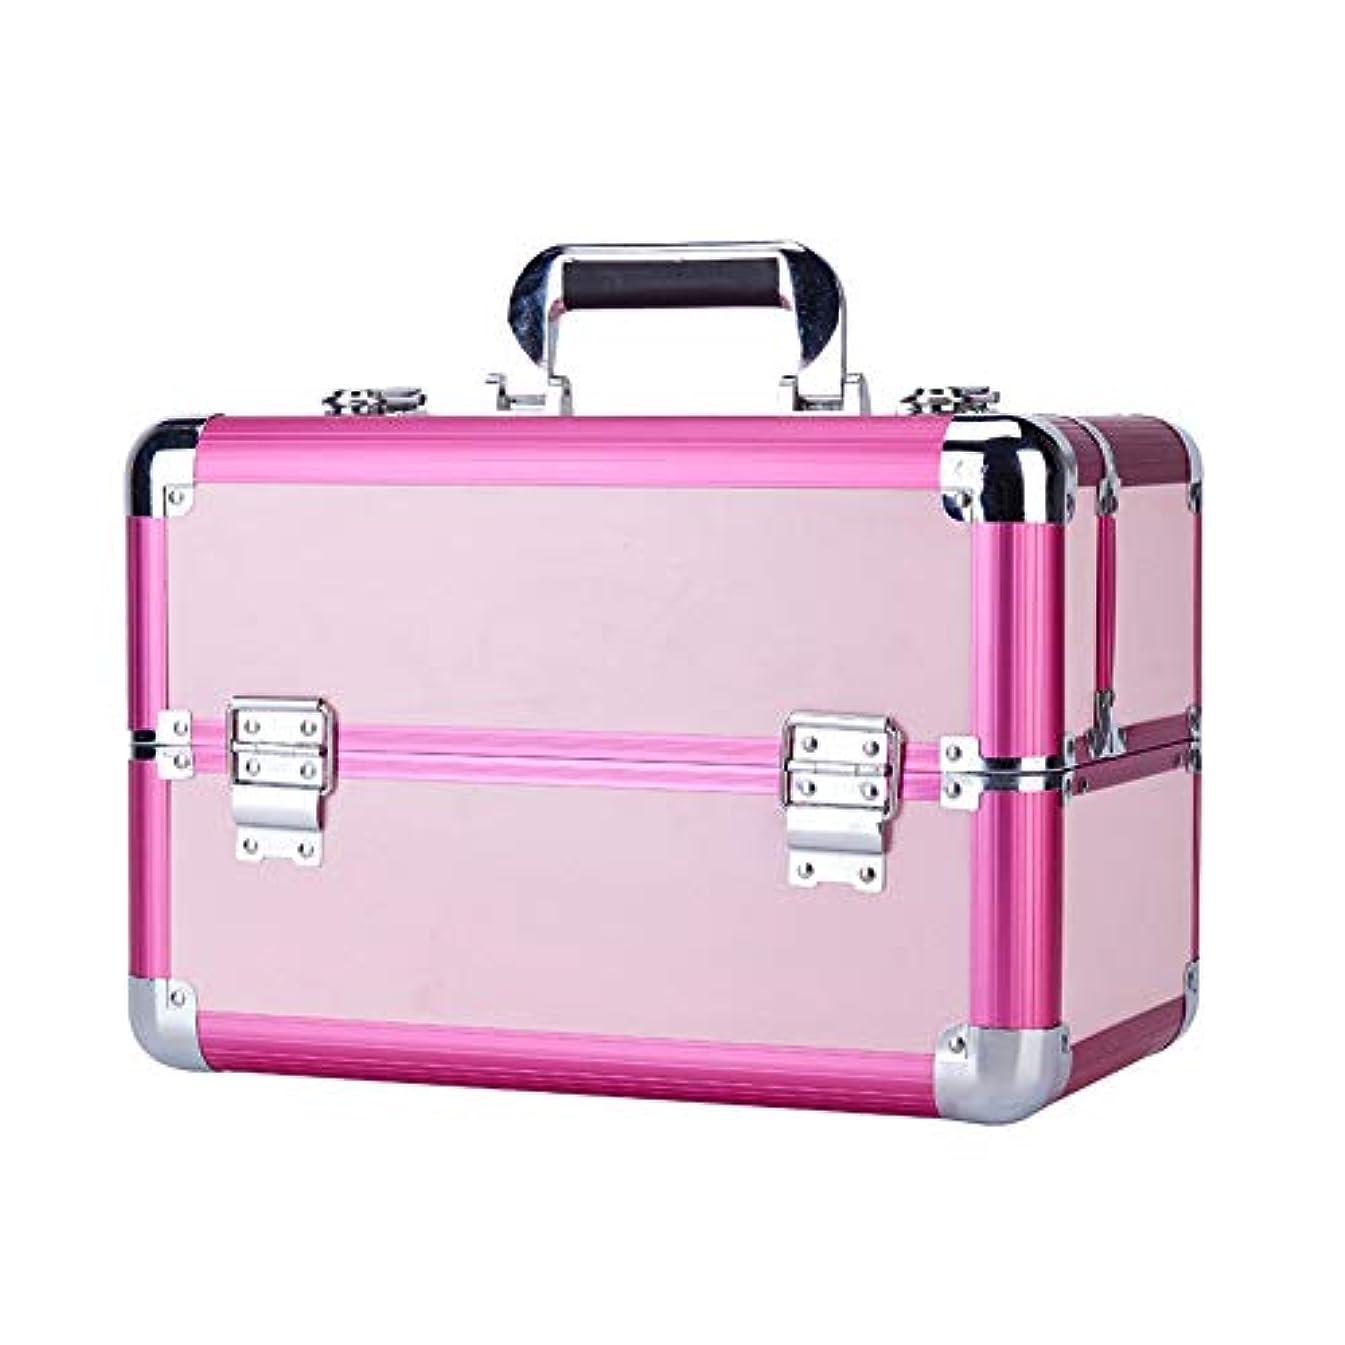 アート歩き回る冷笑する特大スペース収納ビューティーボックス 美の構造のためそしてジッパーおよび折る皿が付いている女の子の女性旅行そして毎日の貯蔵のための高容量の携帯用化粧品袋 化粧品化粧台 (色 : ピンク)